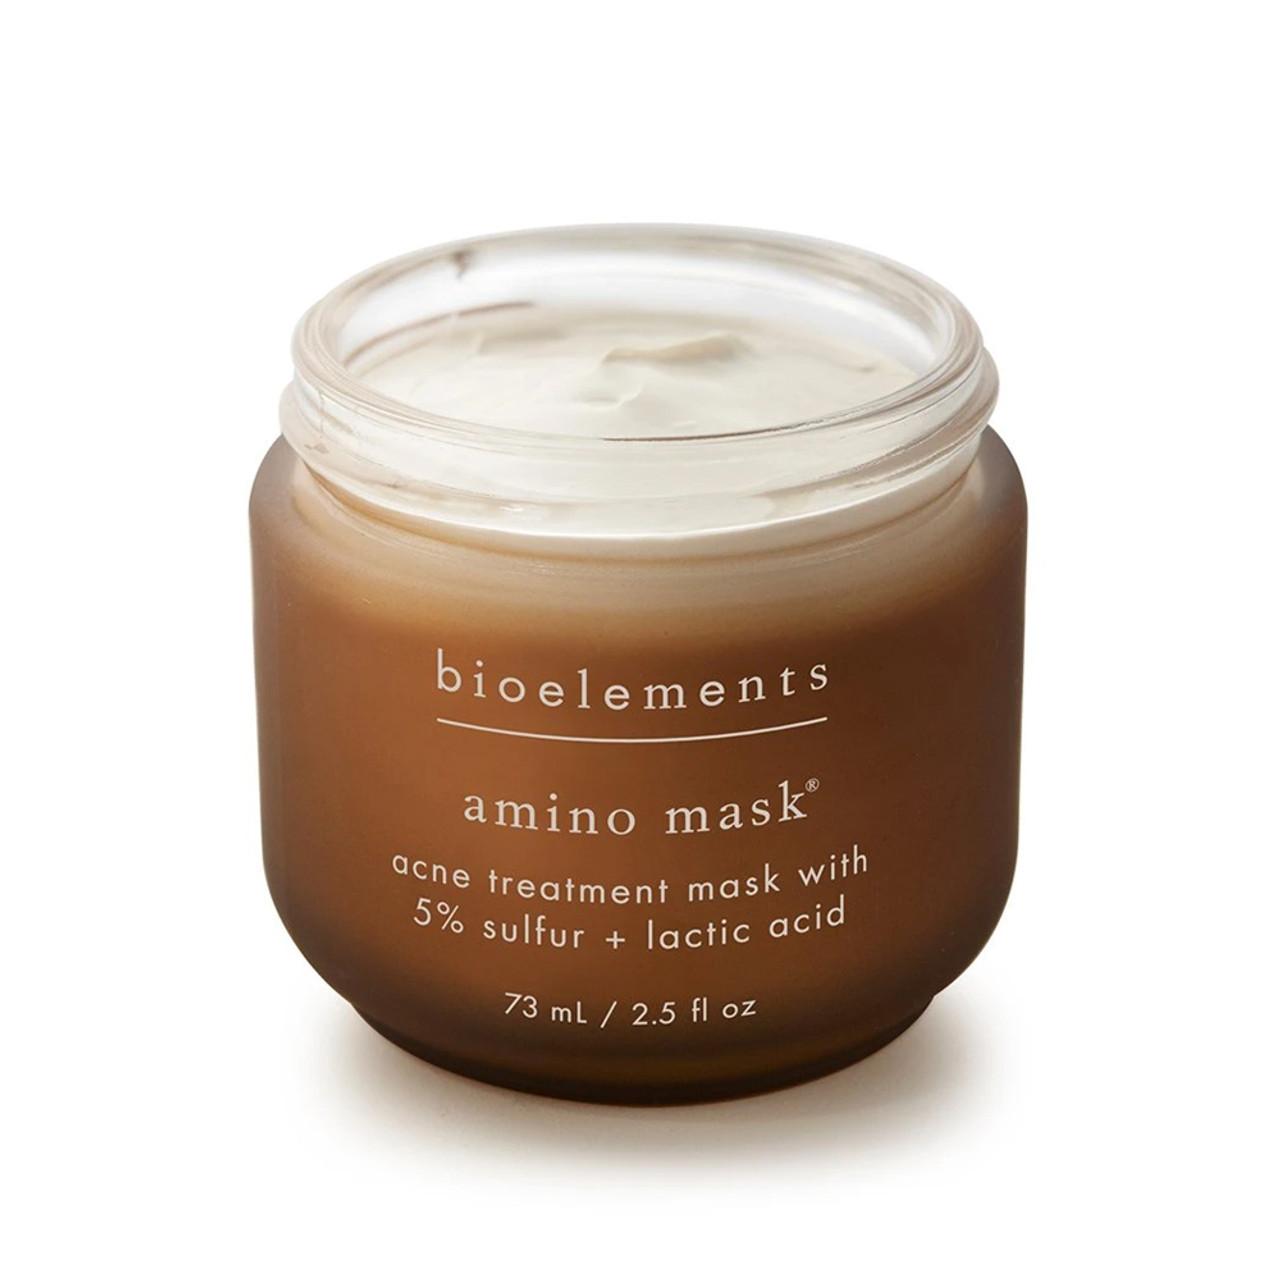 Bioelements Amino Mask BeautifiedYou.com